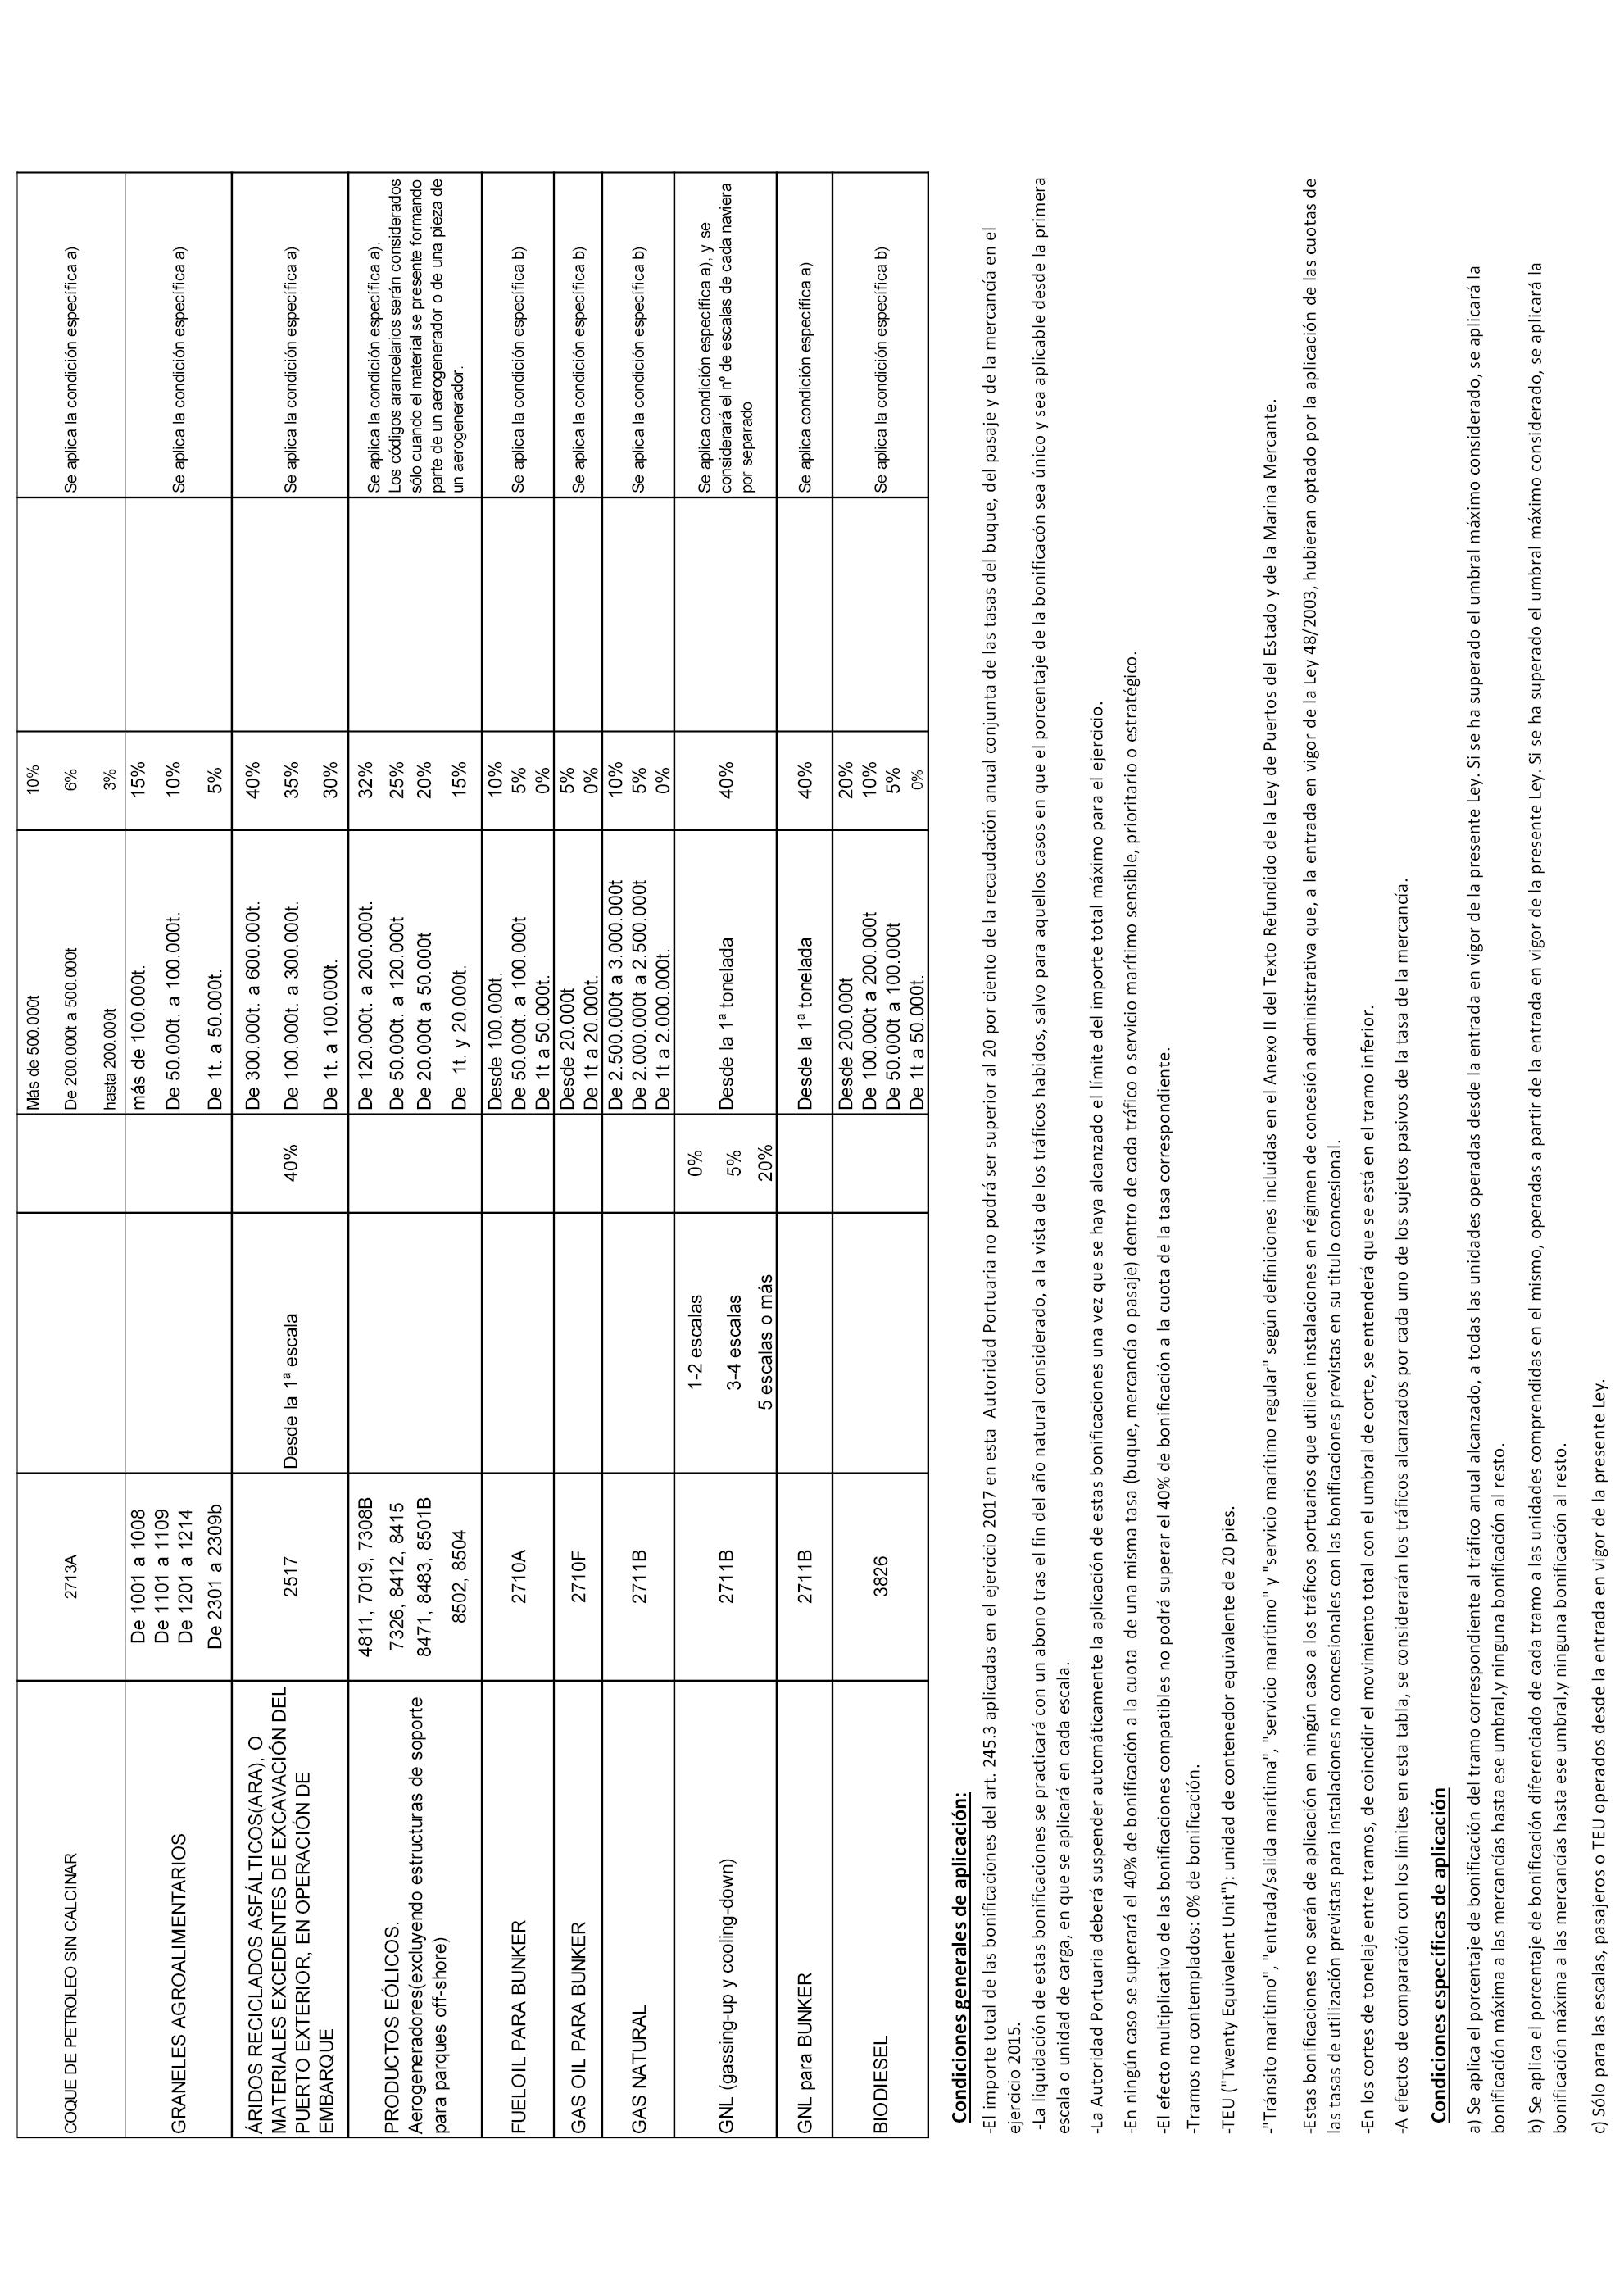 Como Se Escribe 91 En Numeros Romanos boe.es - documento consolidado boe-a-2017-7387